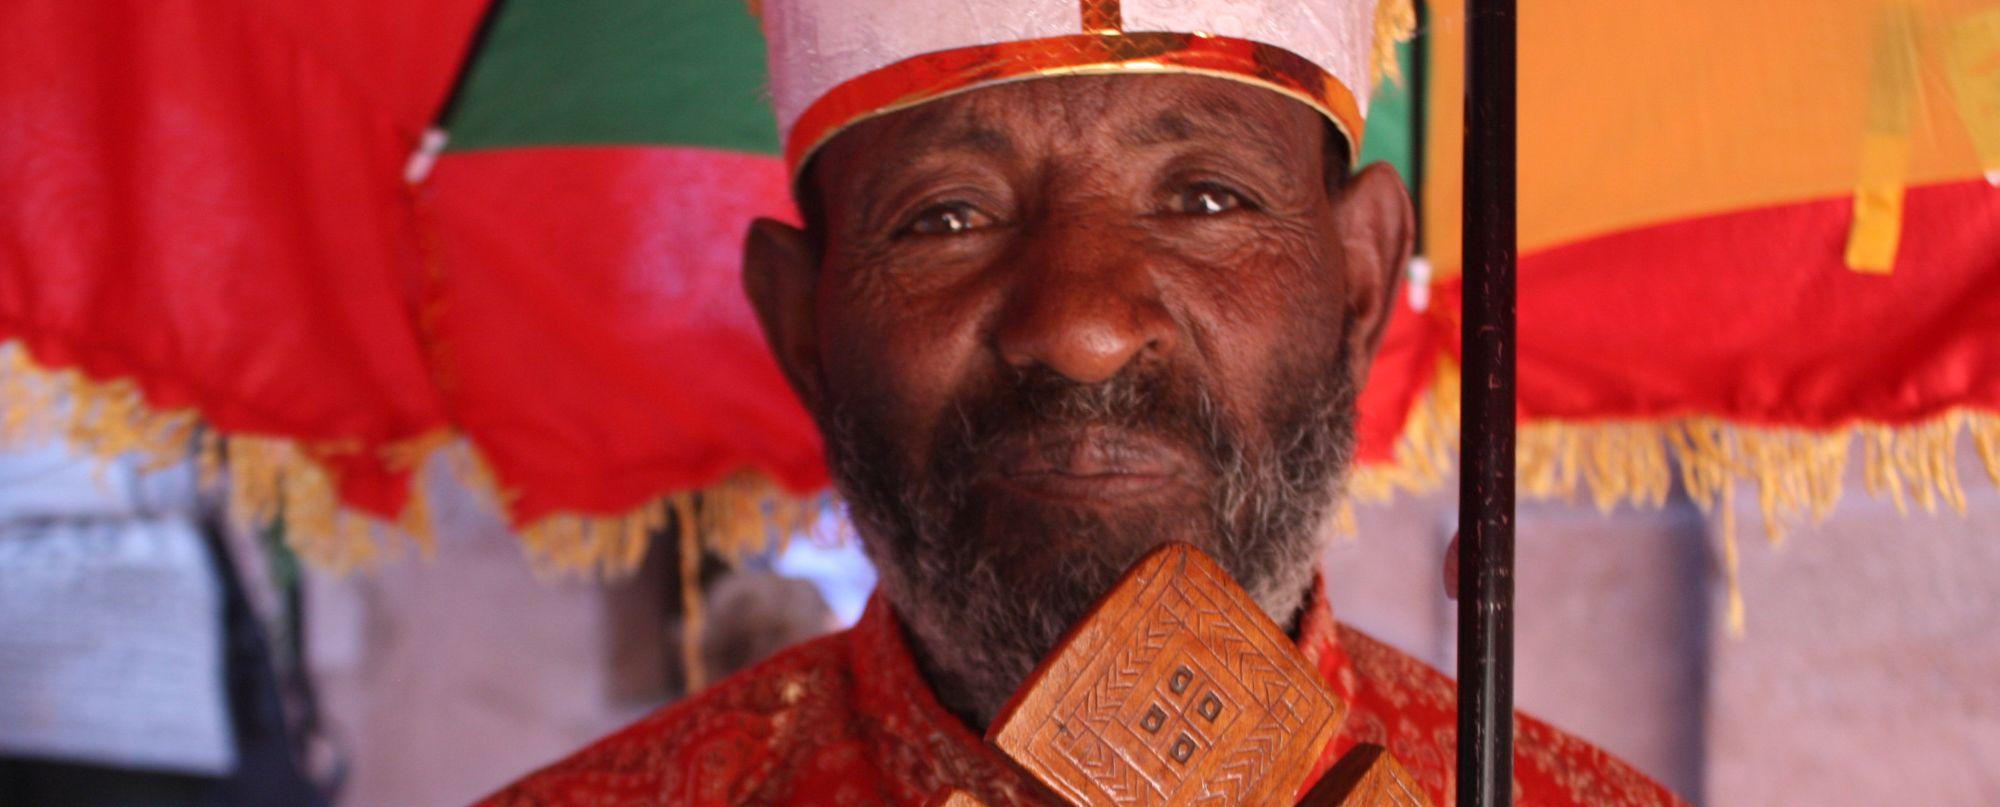 Etiopia - Festividad del Timkat en Gondar